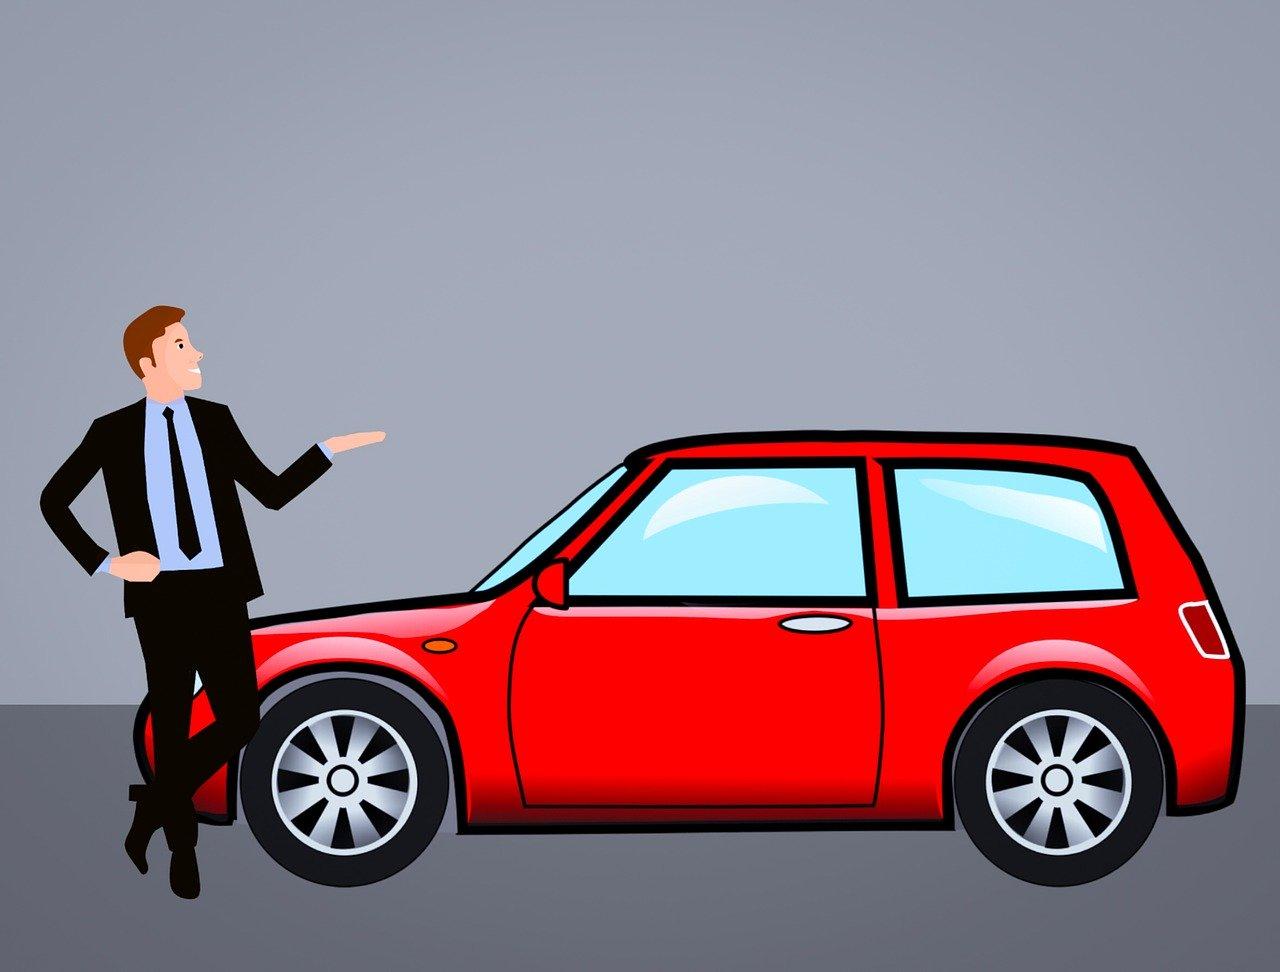 купуване на кола